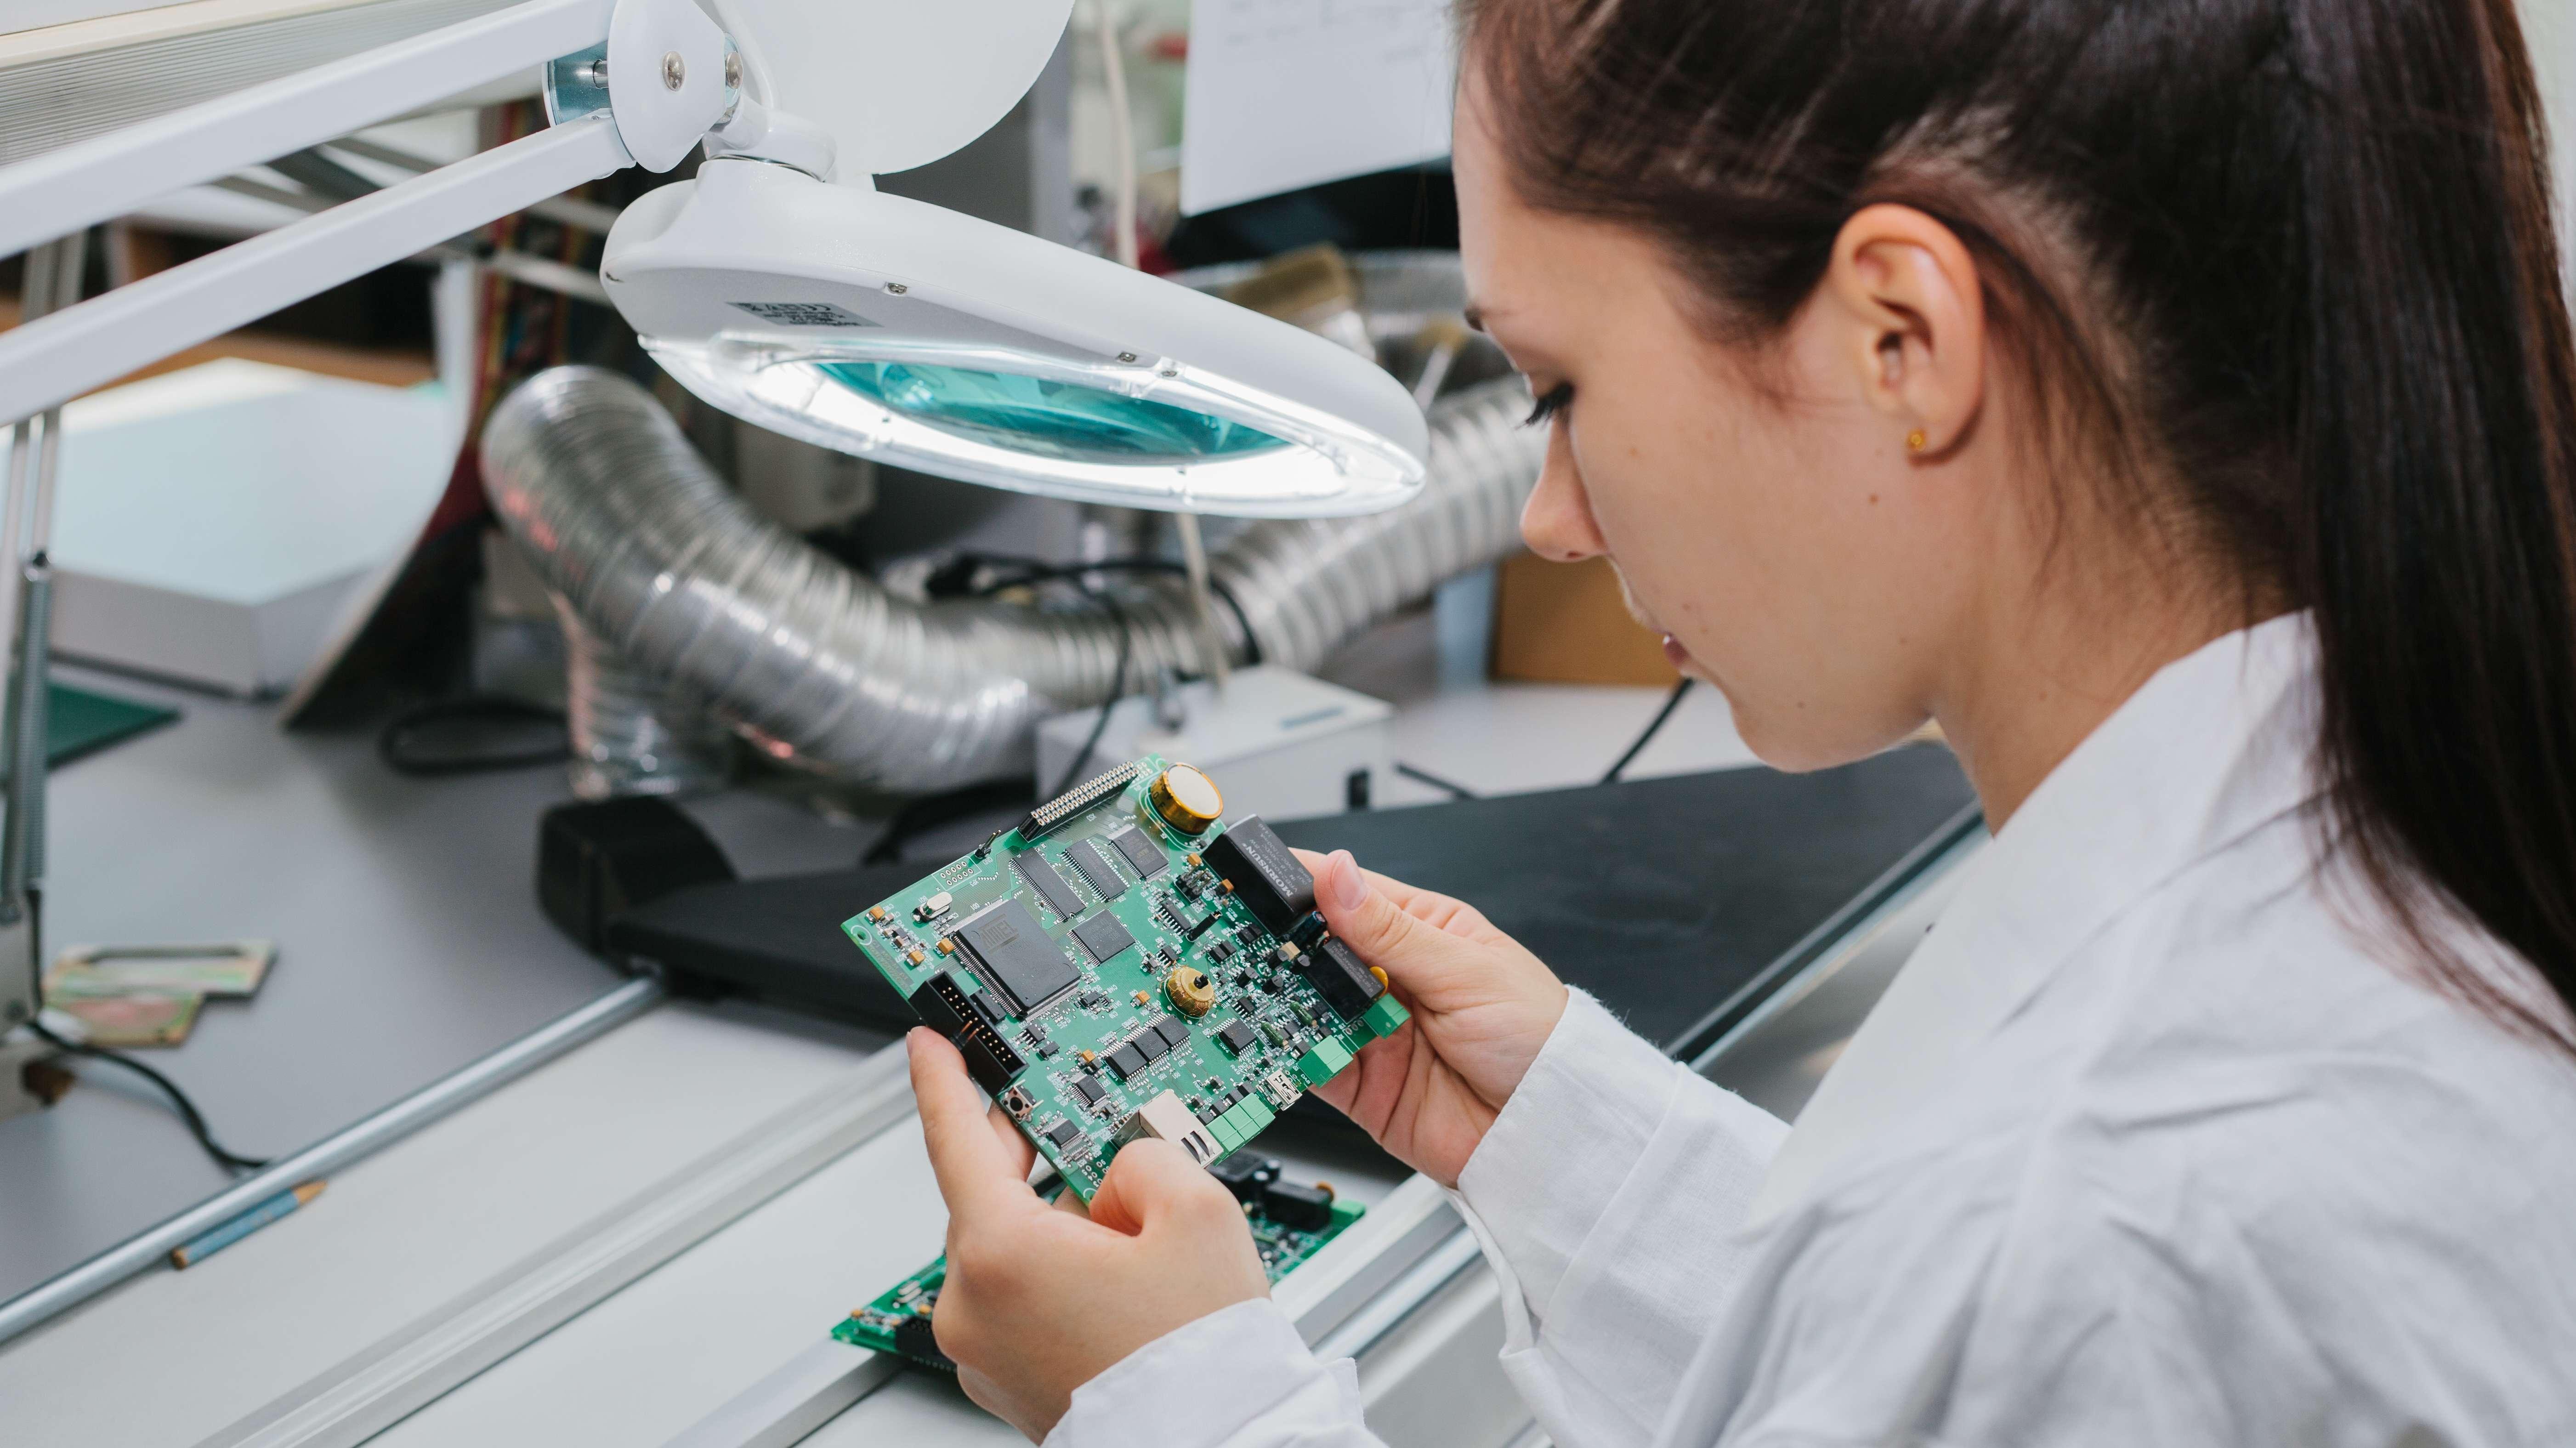 Eine Frau untersucht eine Computerplatine